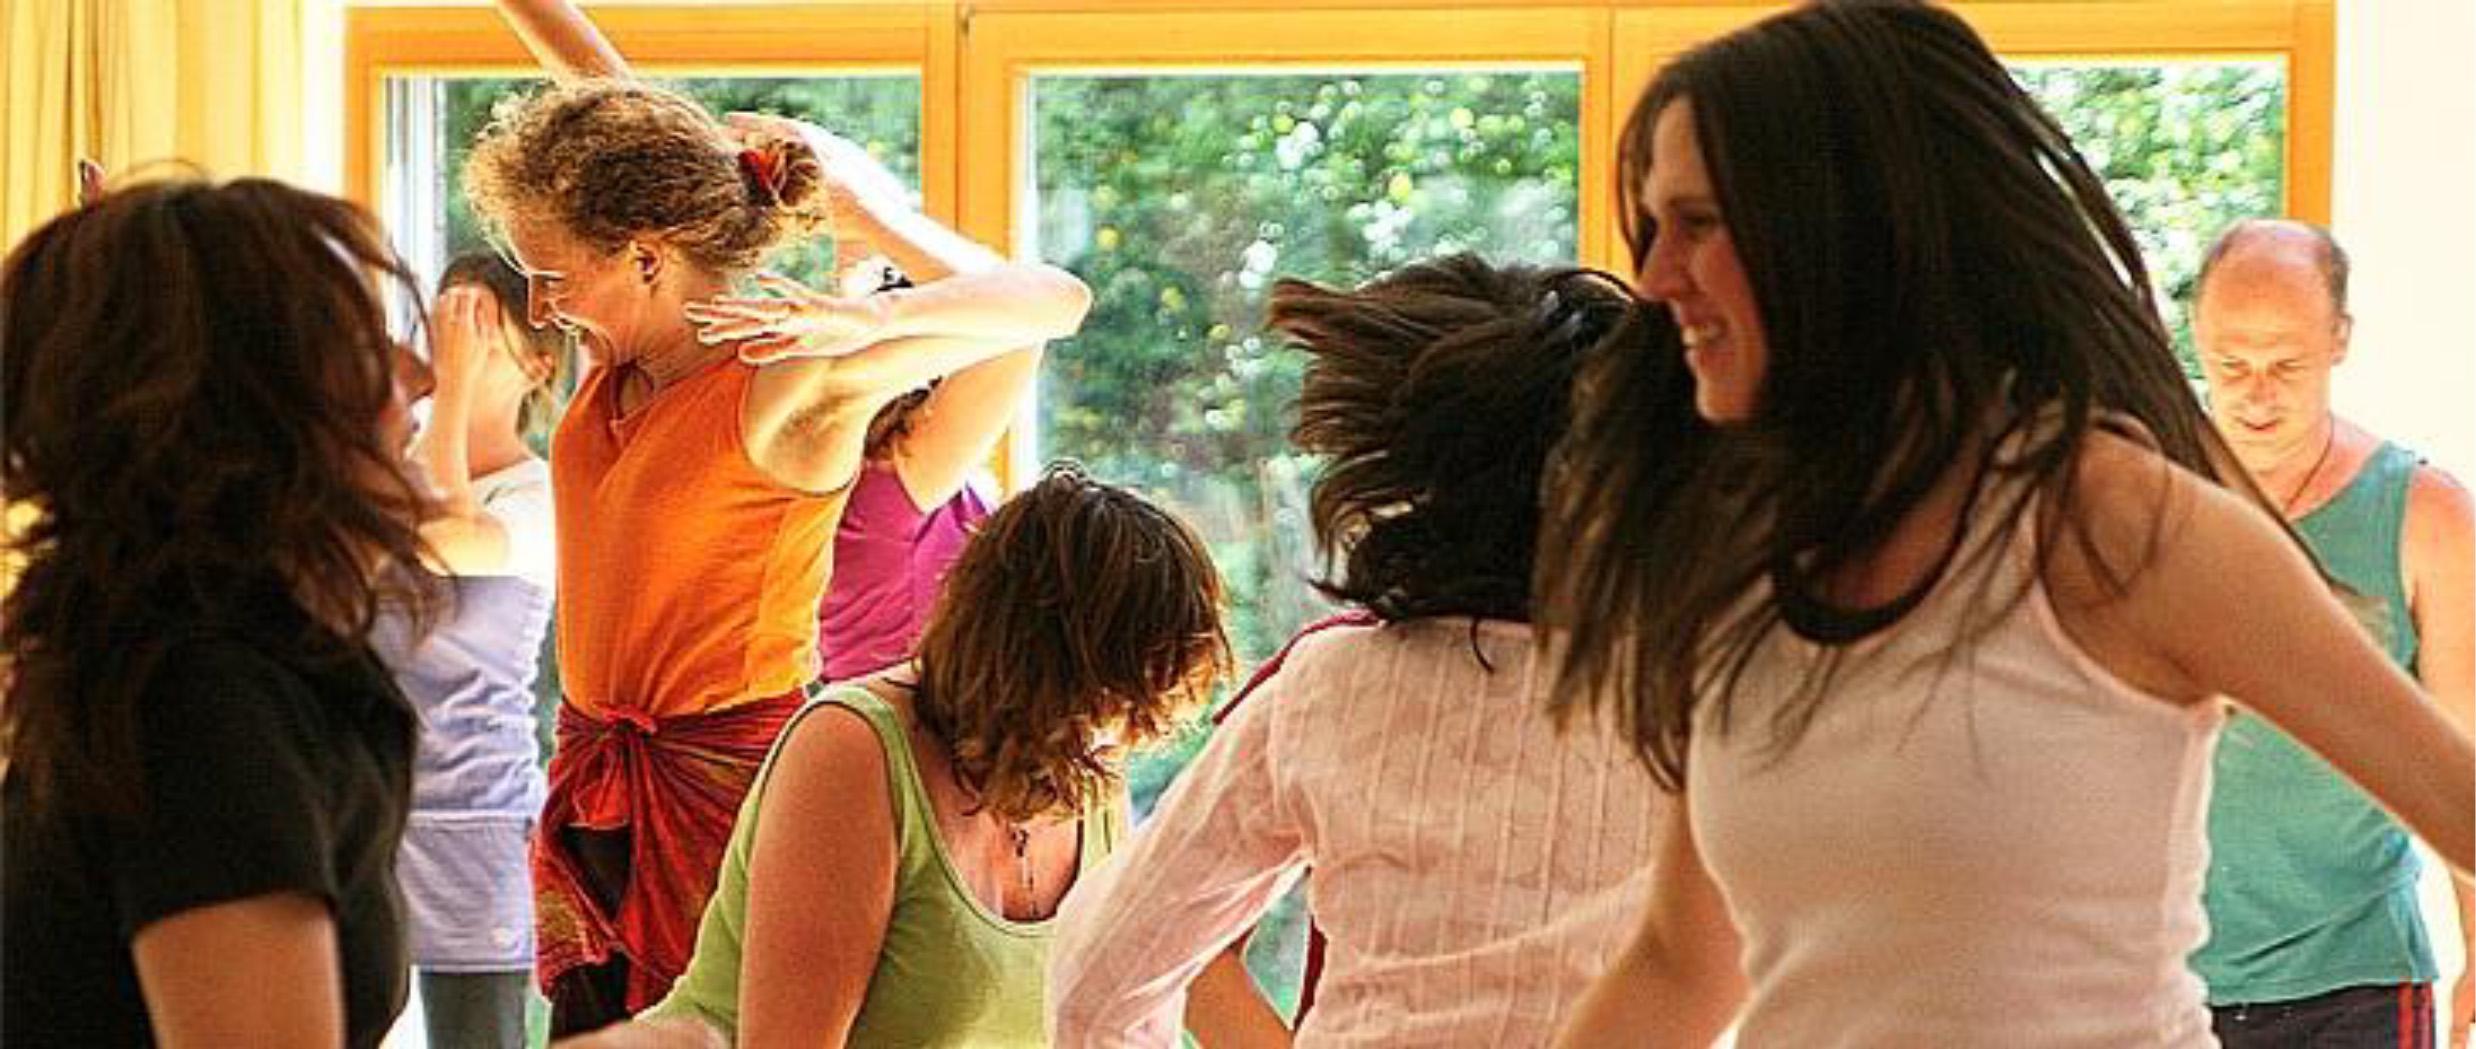 Communitiy Dance    Bewegung – Tanz – Freude – Kreativität, Donnerstag, 28.11., 19 Uhr